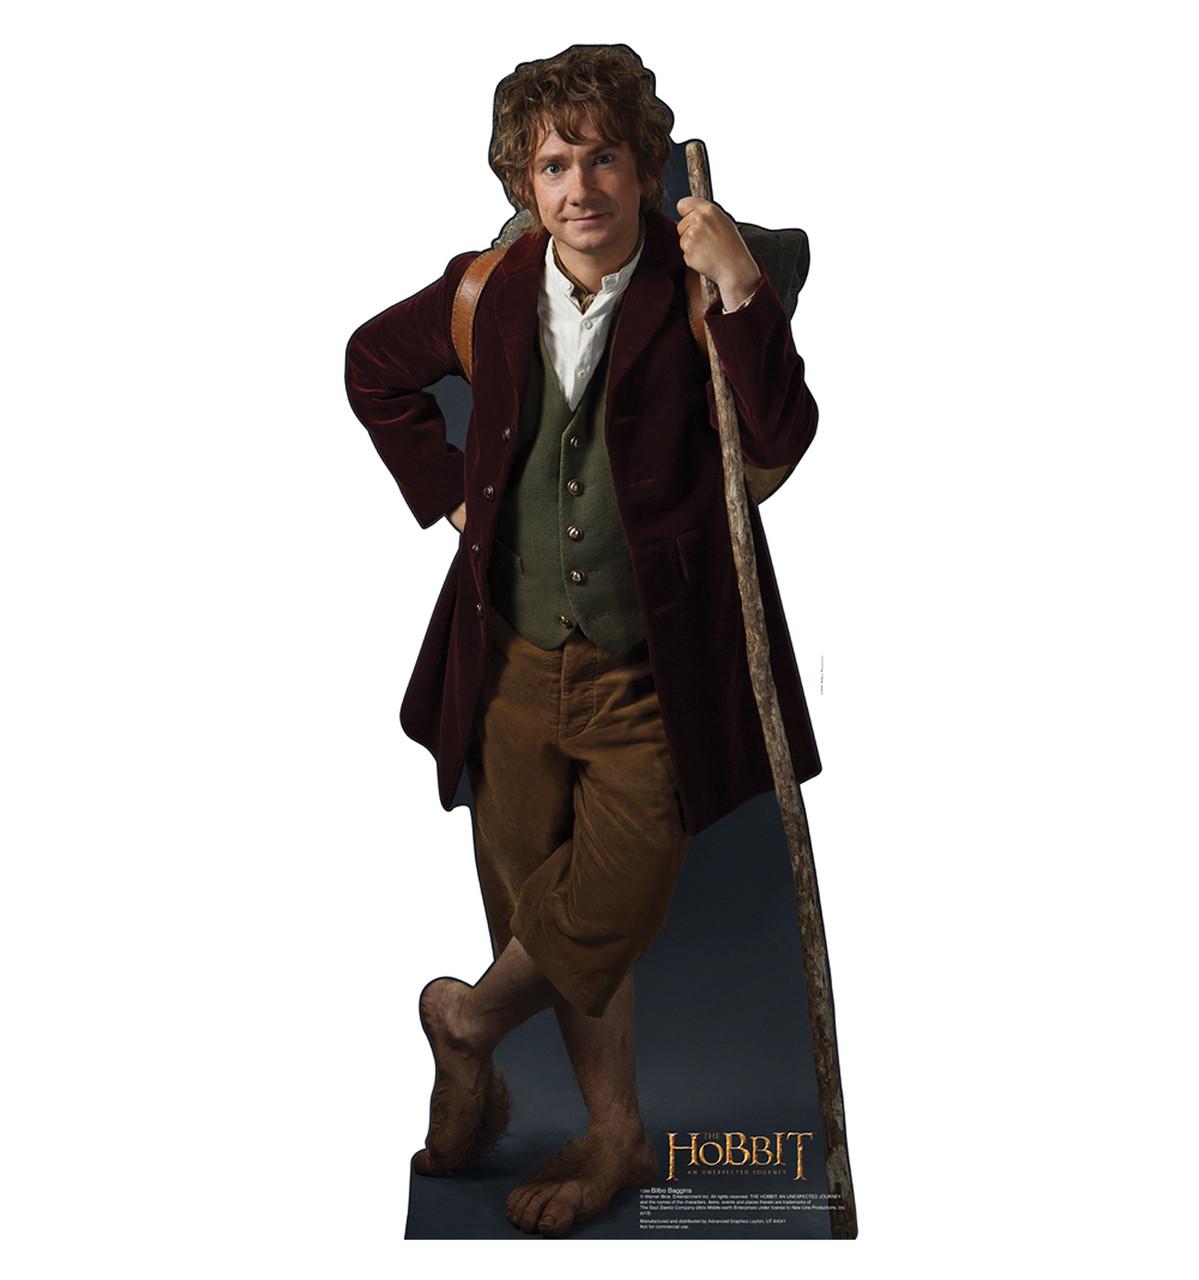 Bilbo Baggins - The Hobbit